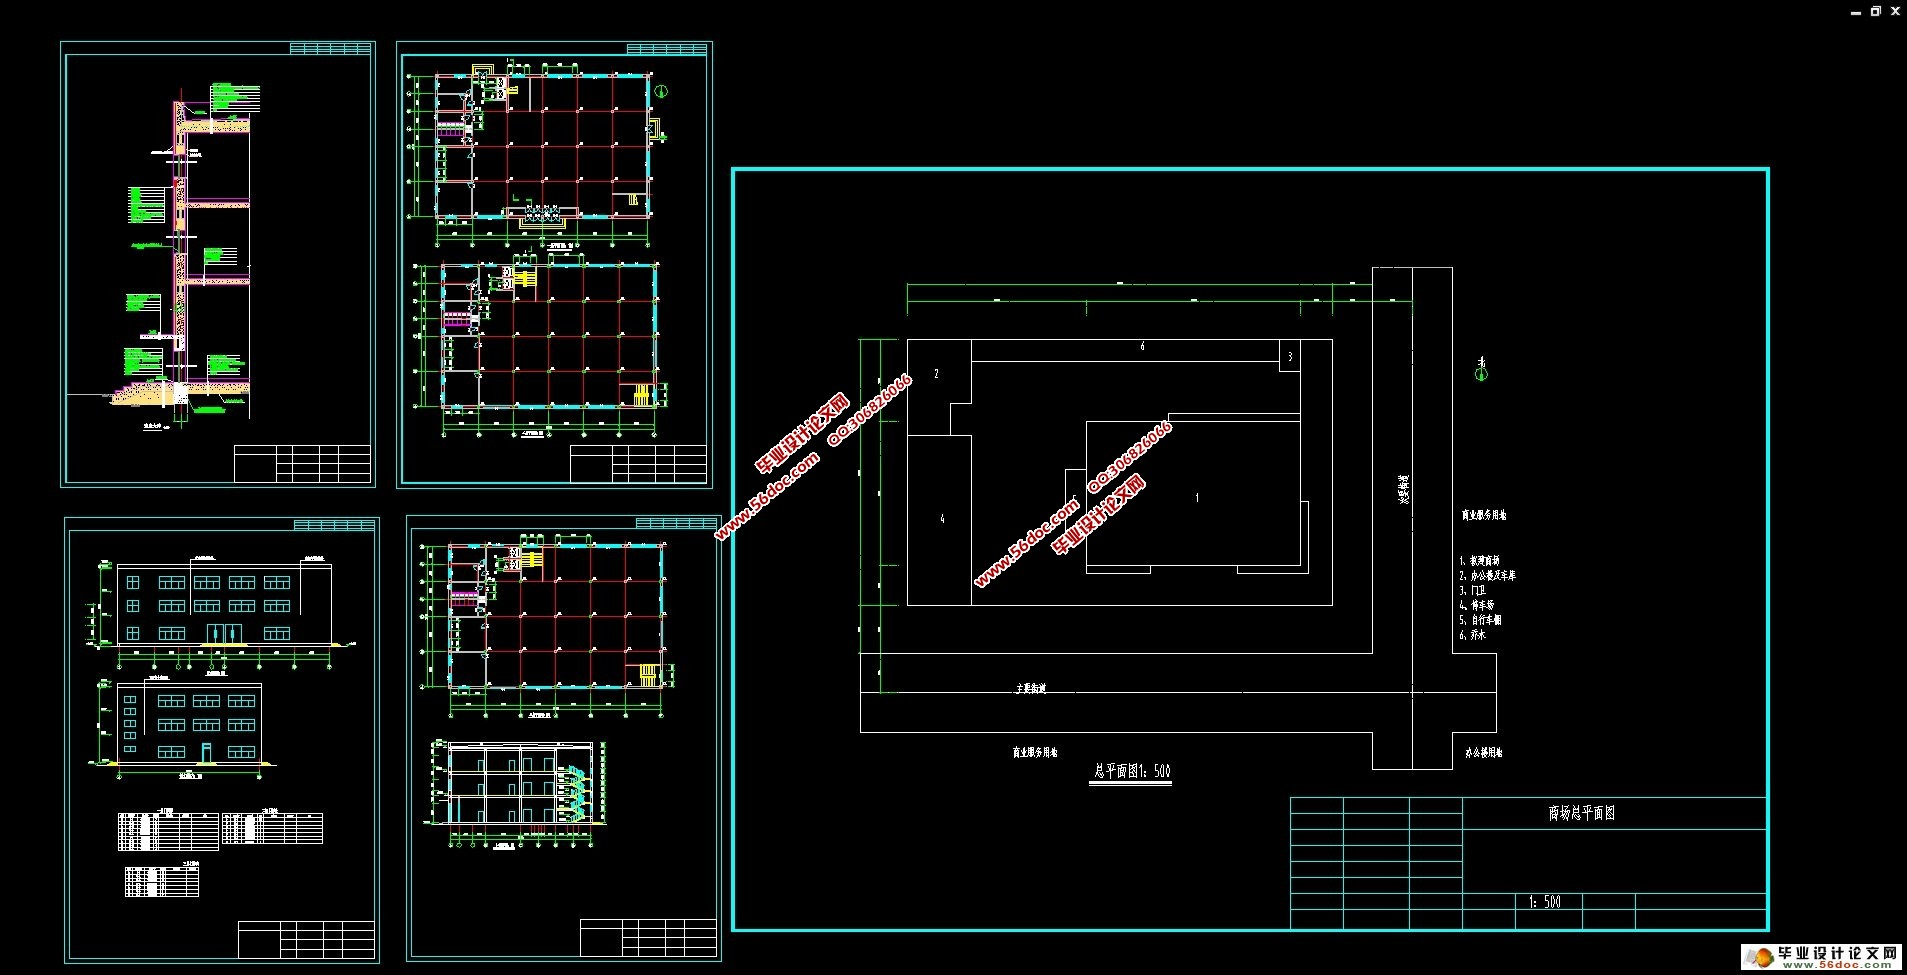 三层2820平米哈尔滨钢框架结构百货大楼商场设计(建筑图,结构图)